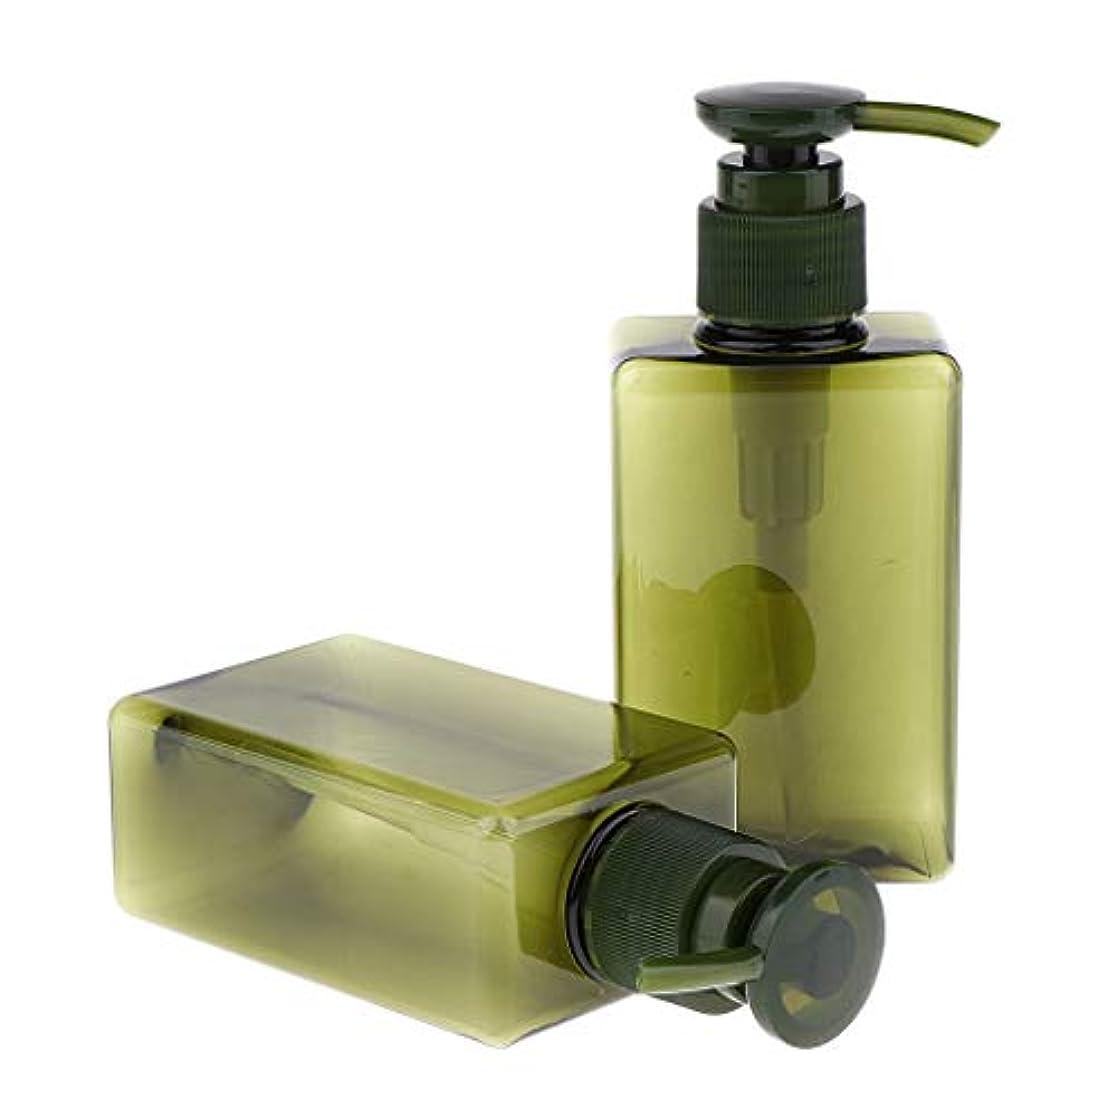 相対的知らせるあまりにもSharplace 空ボトル ローションポンプボトル 詰め替え シャンプー用容器 150ml 漏れ防止 4色 - 緑